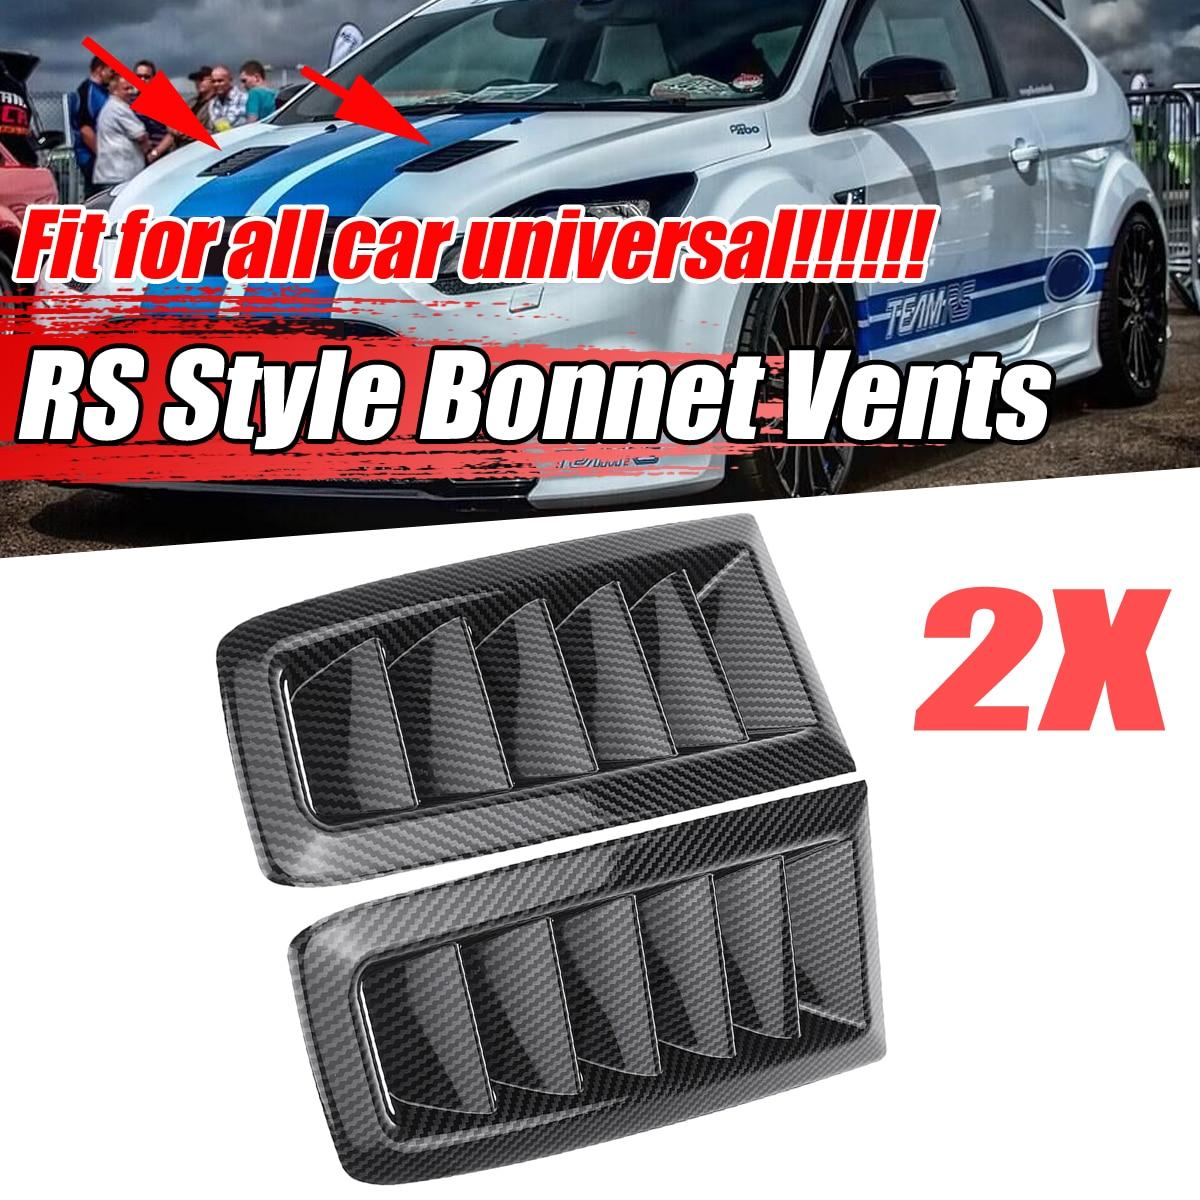 ABS Universale 2x Auto Anteriore Vents Cofano Hood Per Ford Per La Messa A Fuoco MK2 Per Il BMW Per BENZ Per Audi Per civic Per LEXUS Per VW Golf